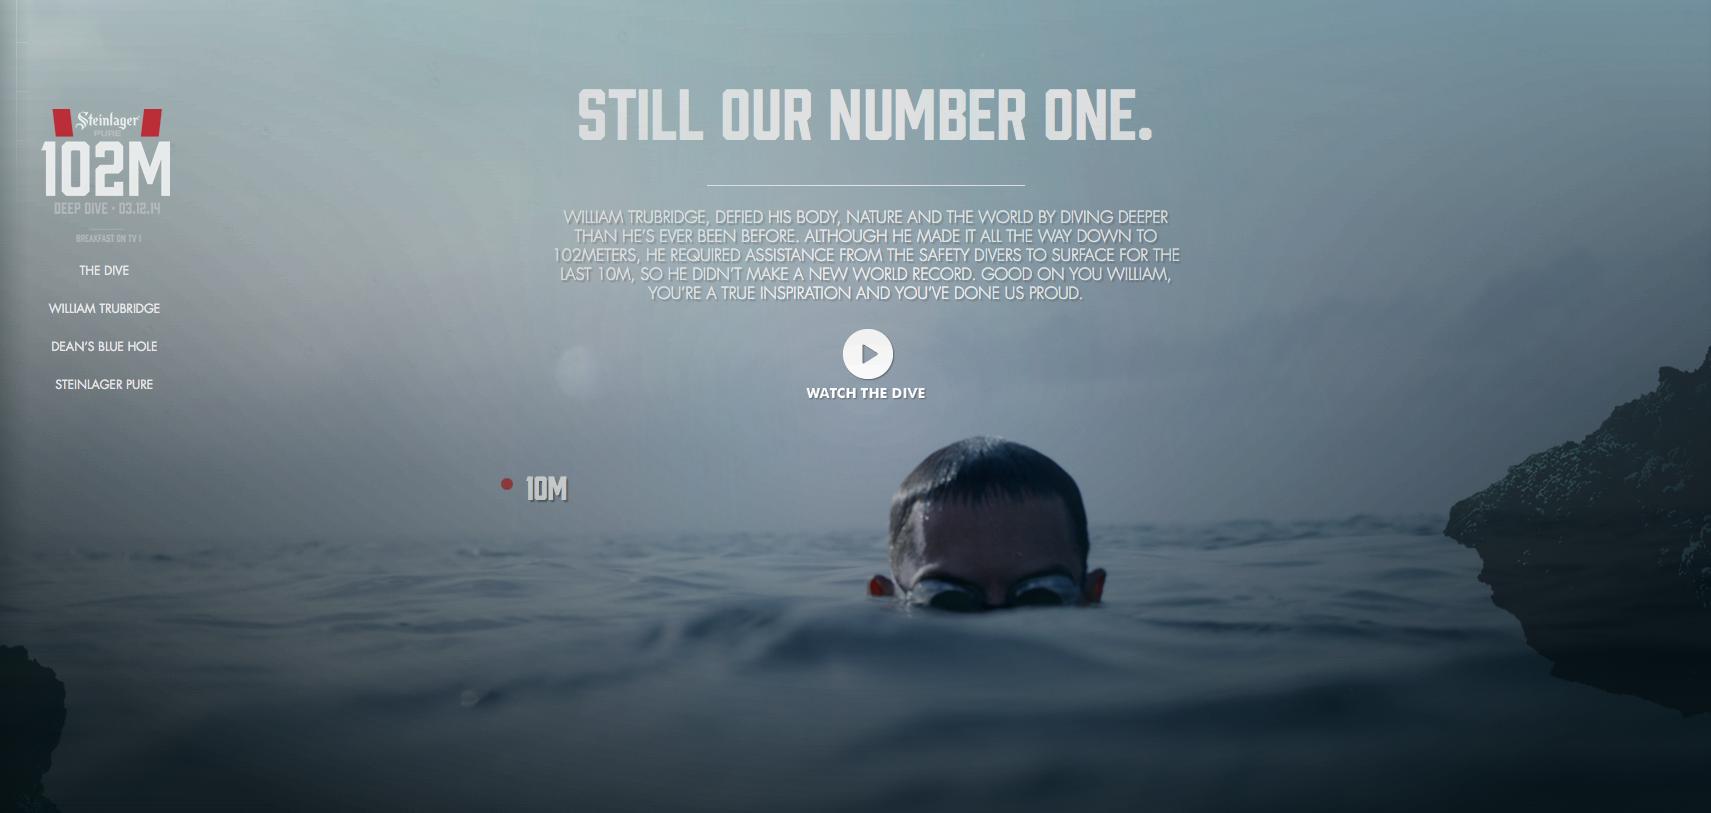 deep-dive-website-post-dive.png